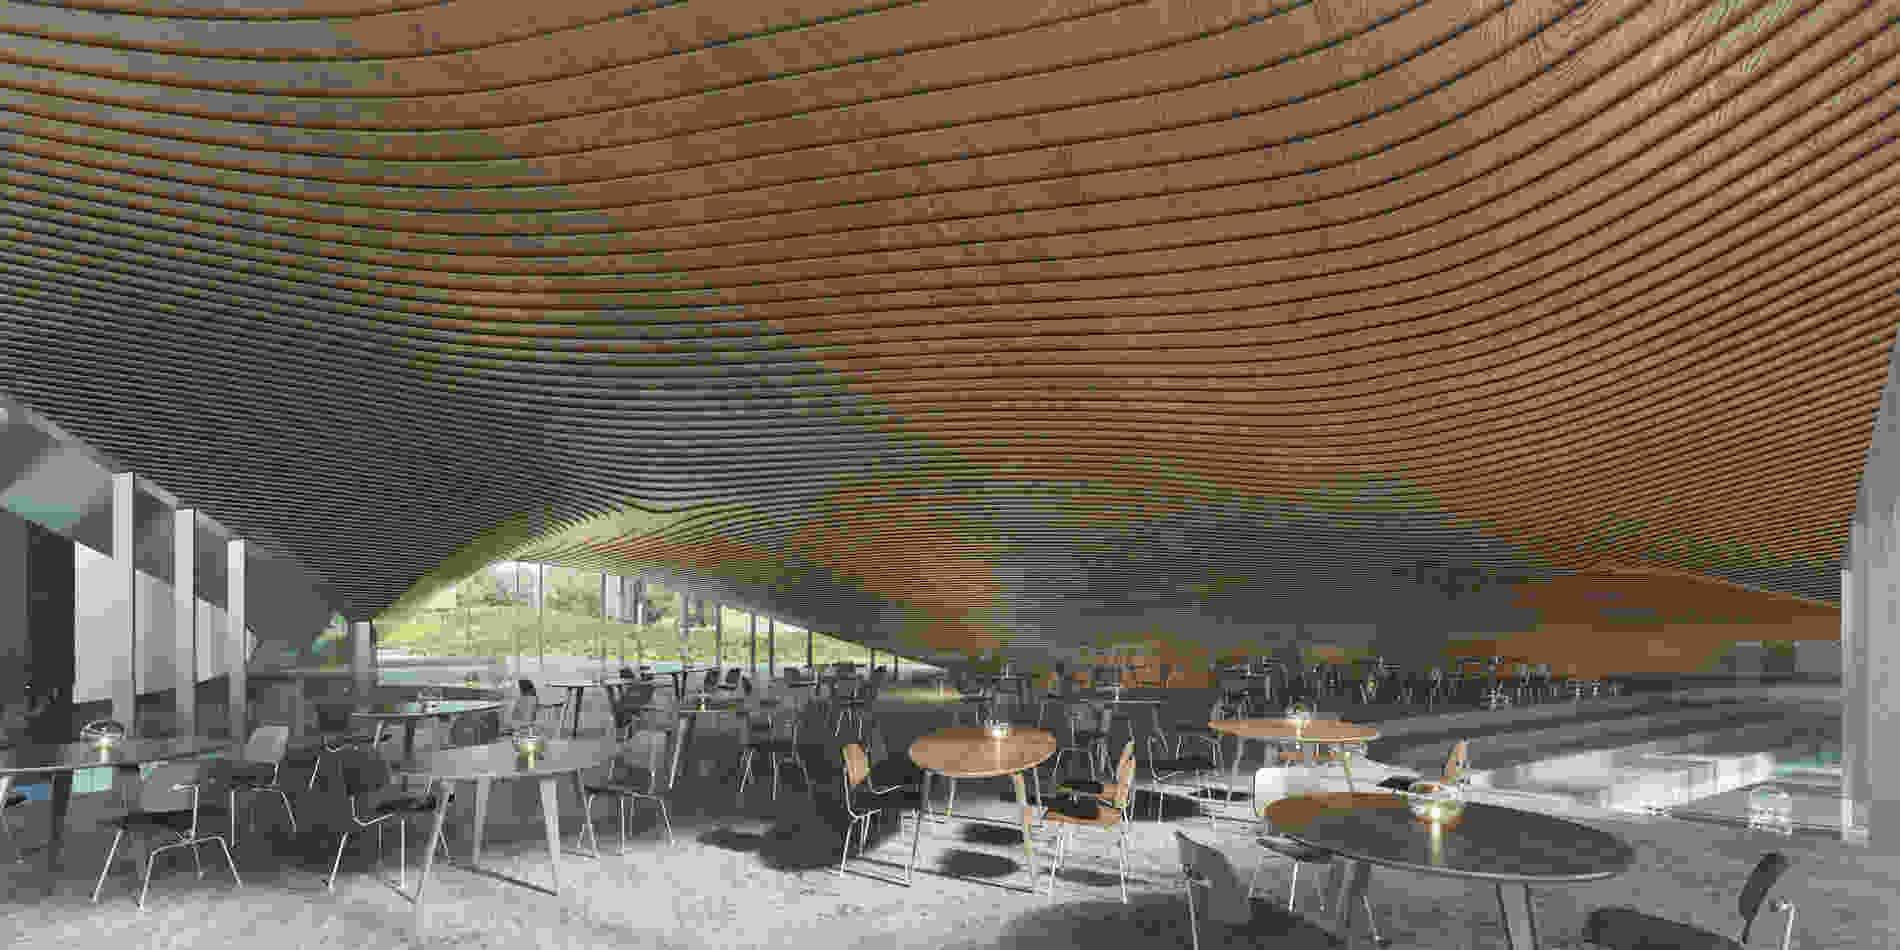 420 Expo Cultural Park Greenhouse Garden SD2 Restaurant